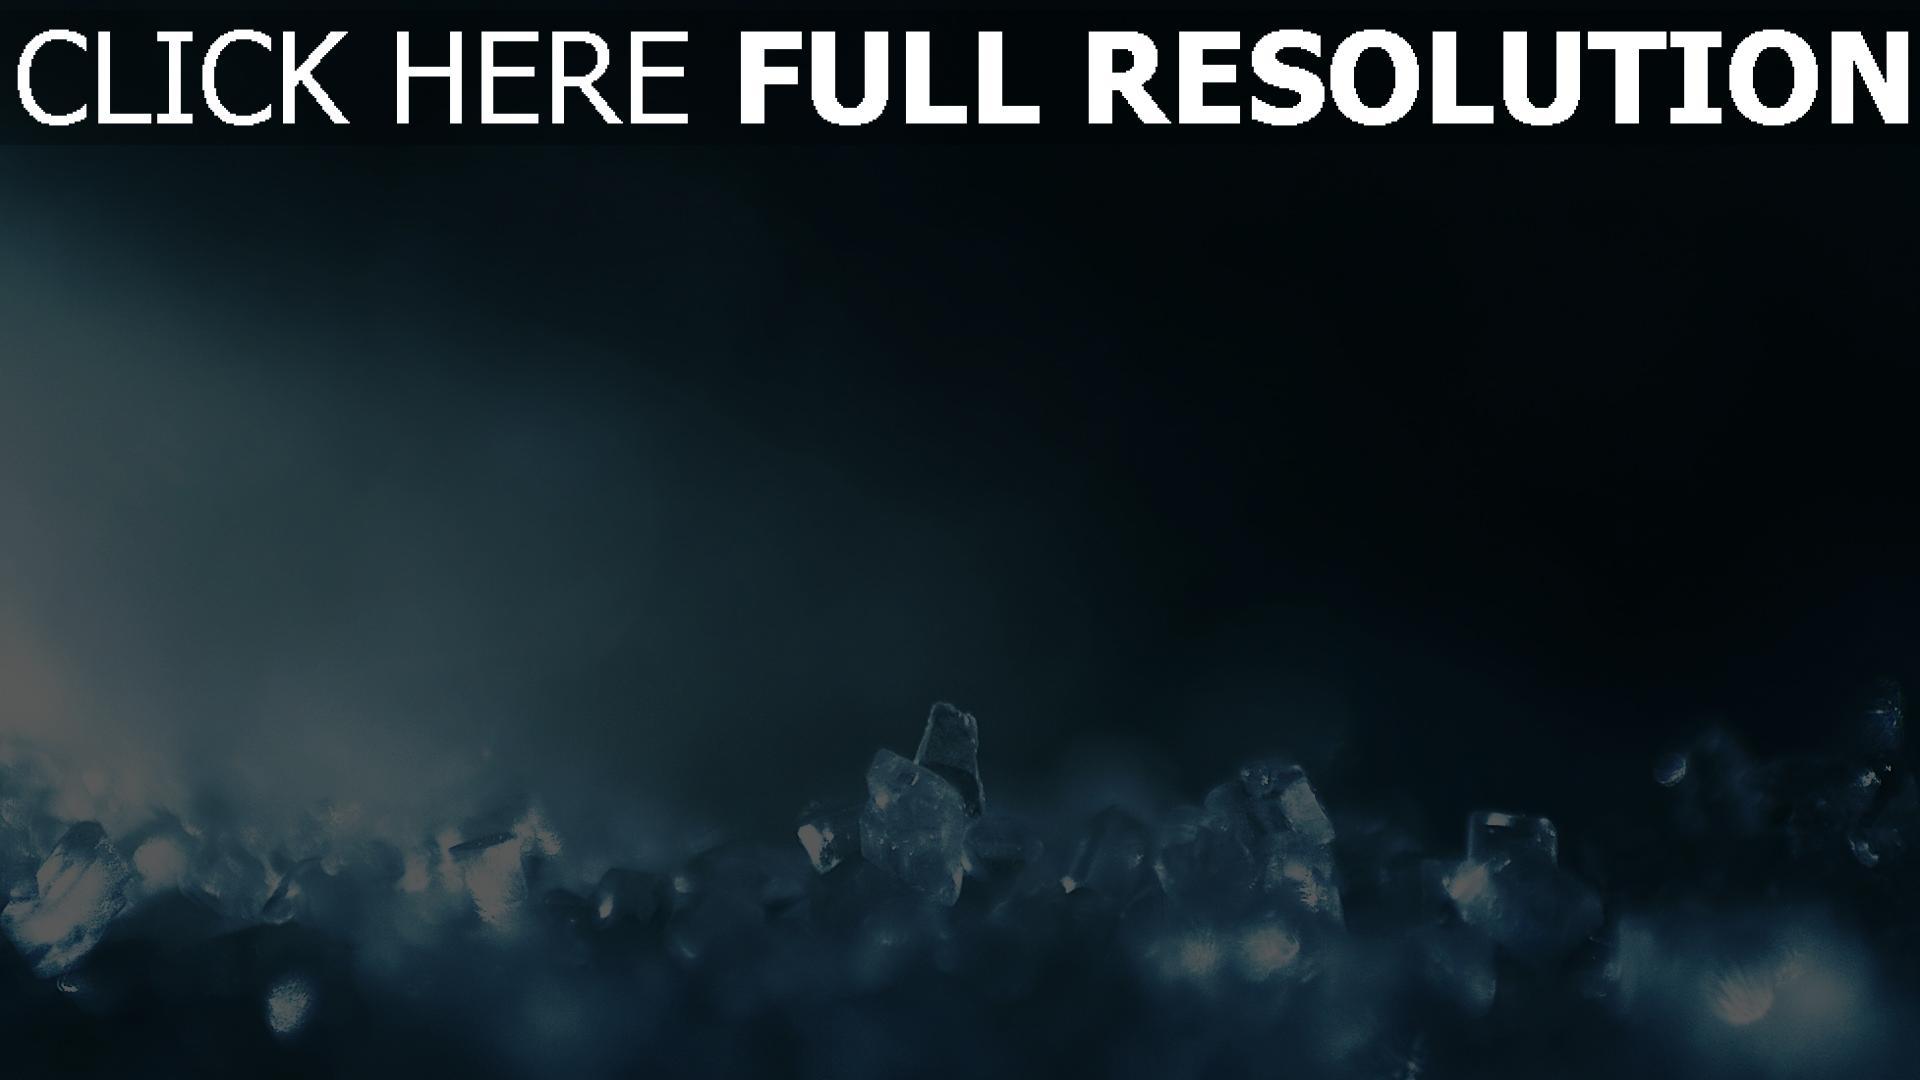 fond d'écran 1920x1080 cristal arrière-plan flou